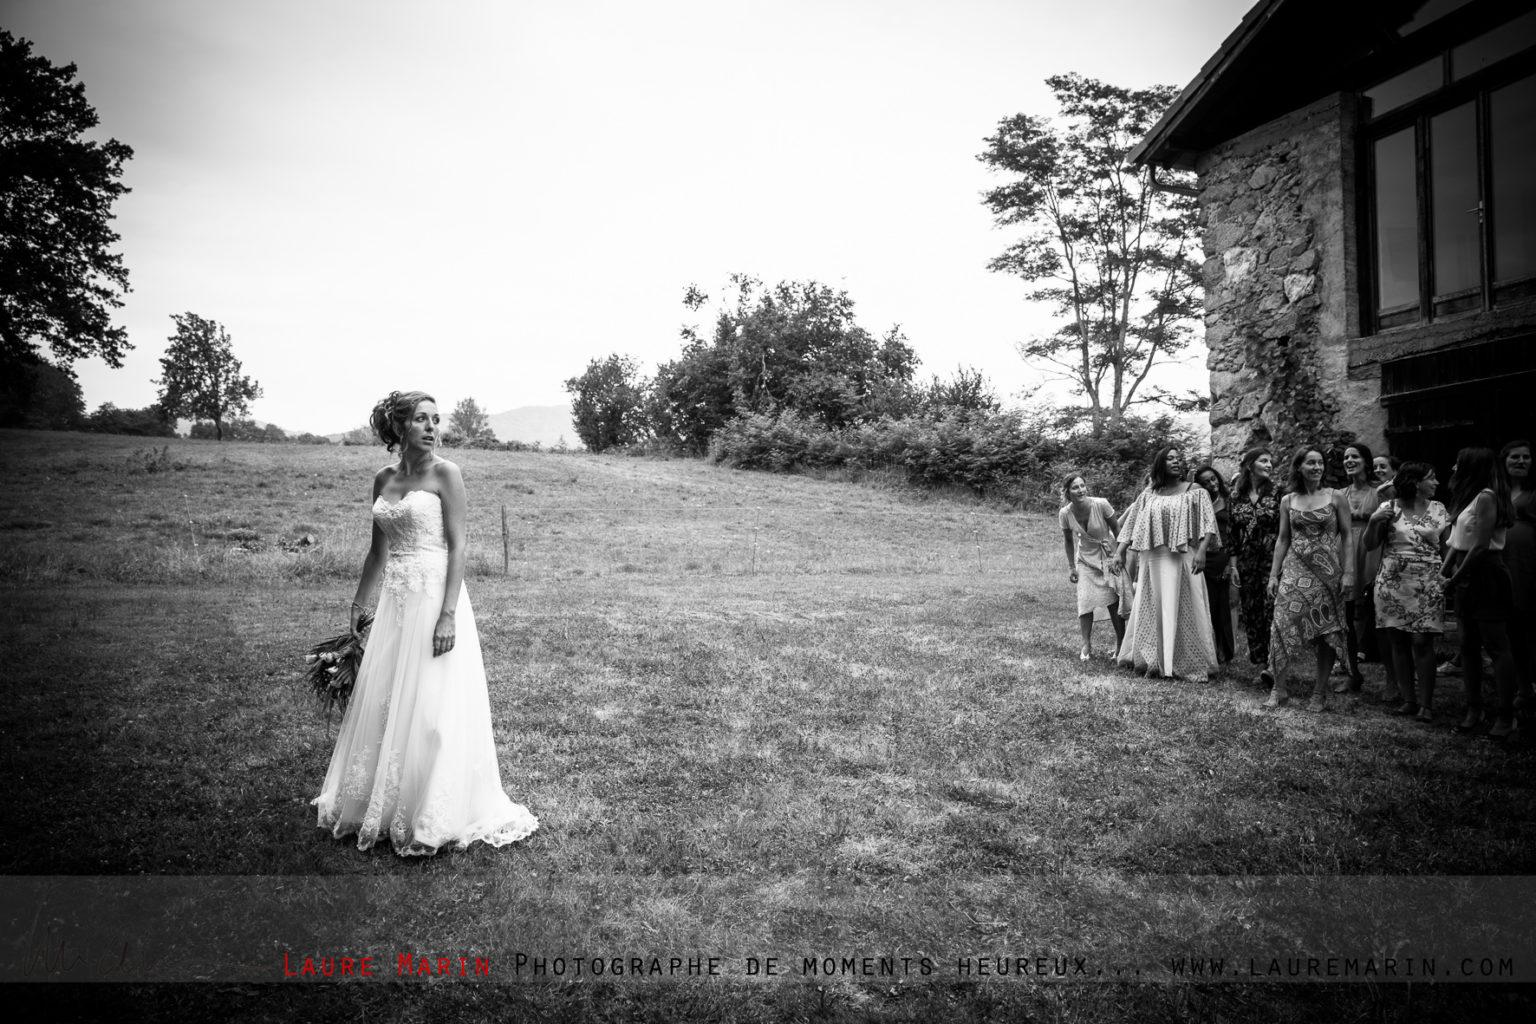 © Laure Marin Photographe Mariage Lancer de bouquet_108124